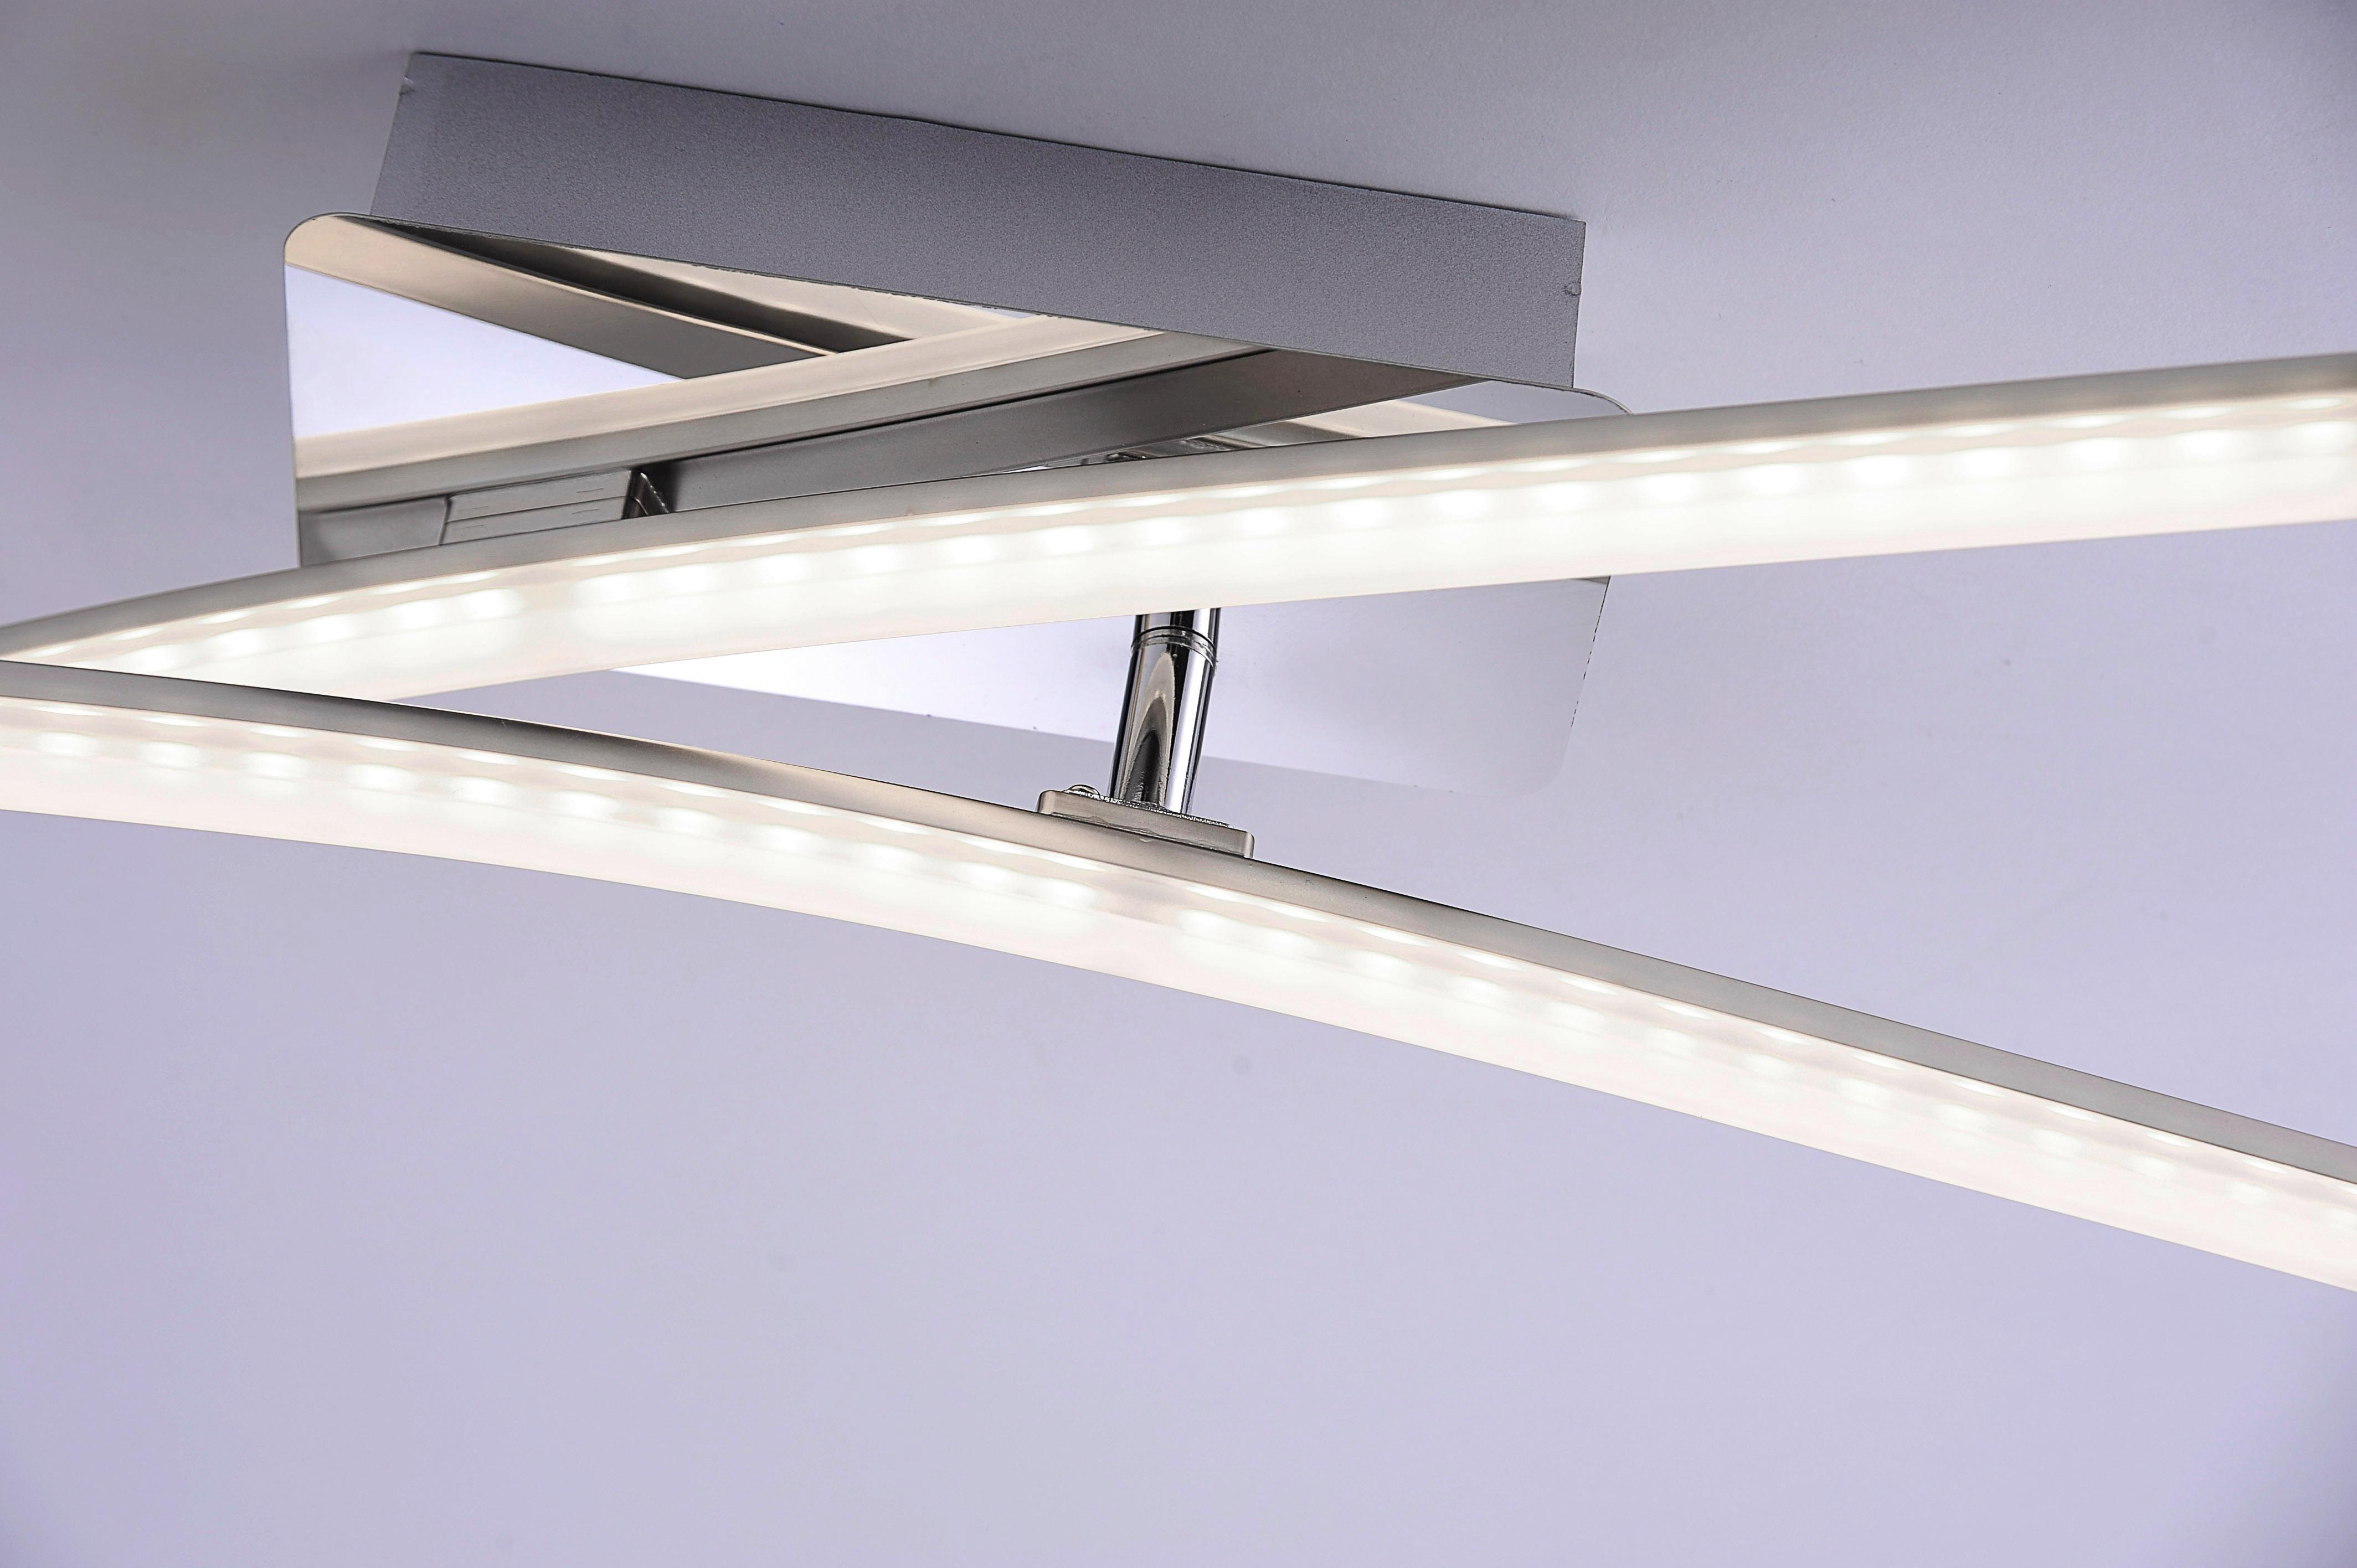 LED-Deckenleuchte Simon, max. 2x5 Watt - Nickelfarben, KONVENTIONELL, Metall (58/51/10cm)